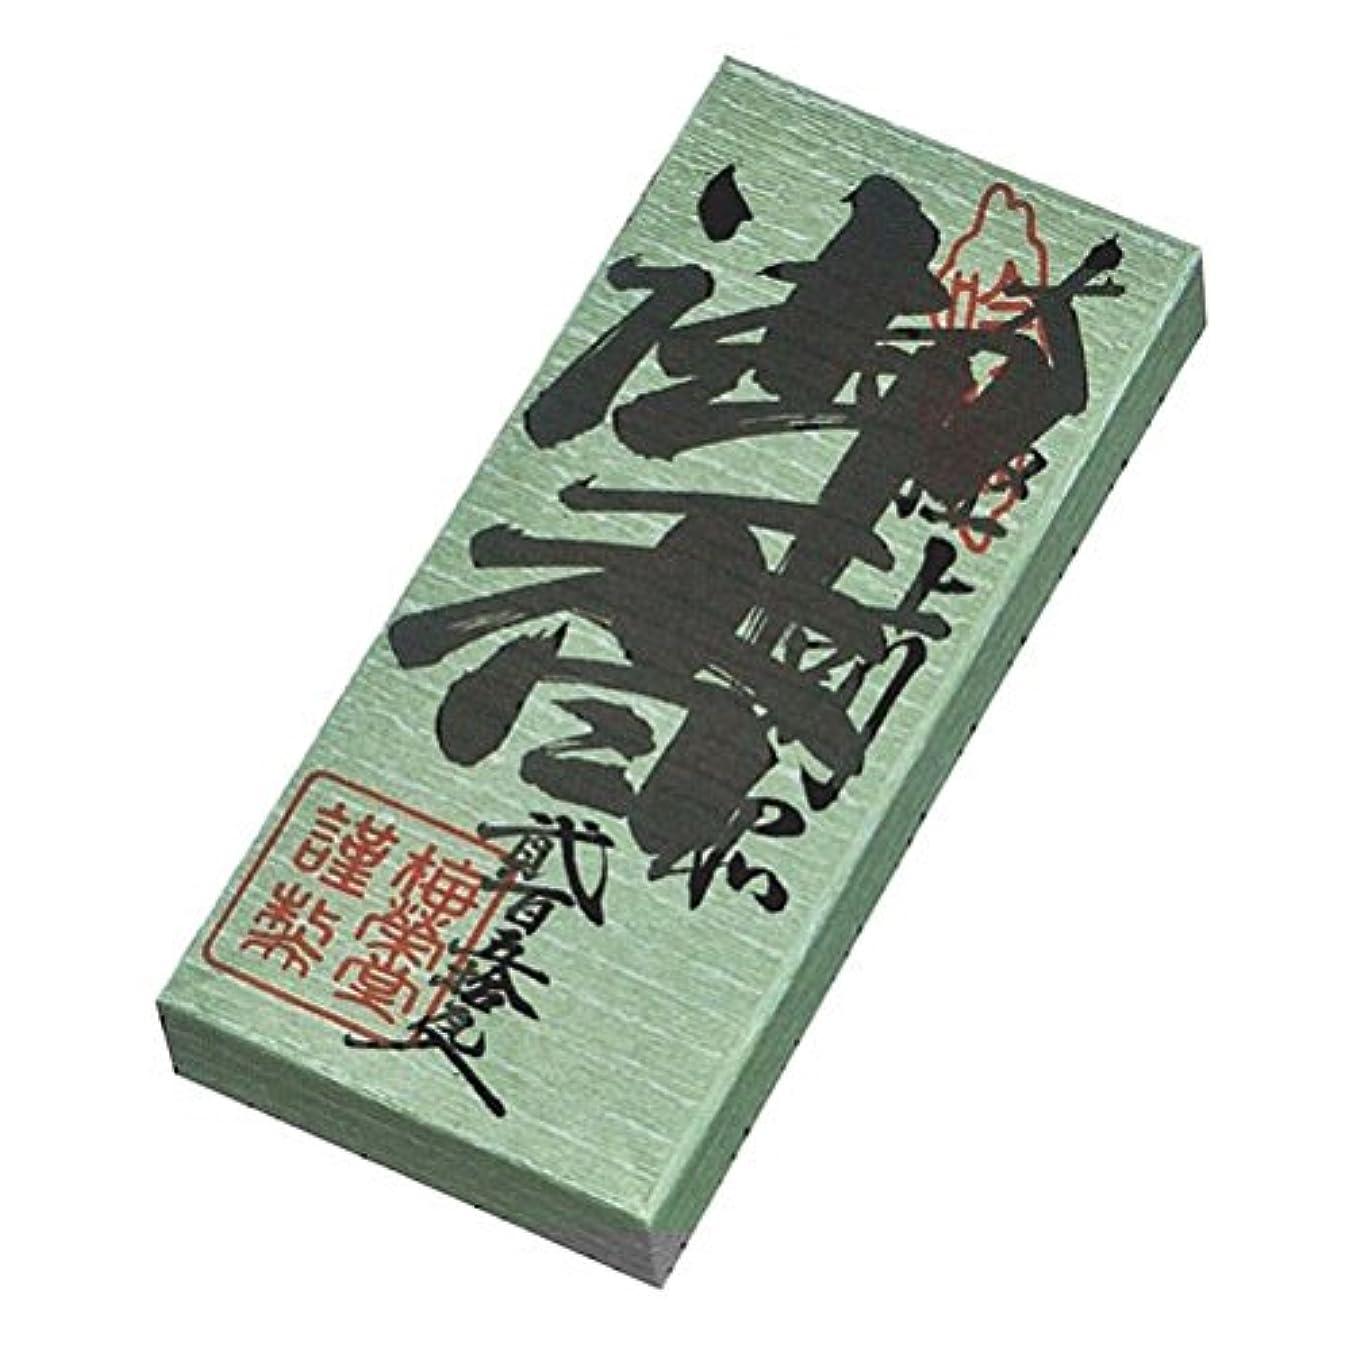 に変わる実験をする意気込み徳香印 250g 紙箱入り お焼香 梅栄堂